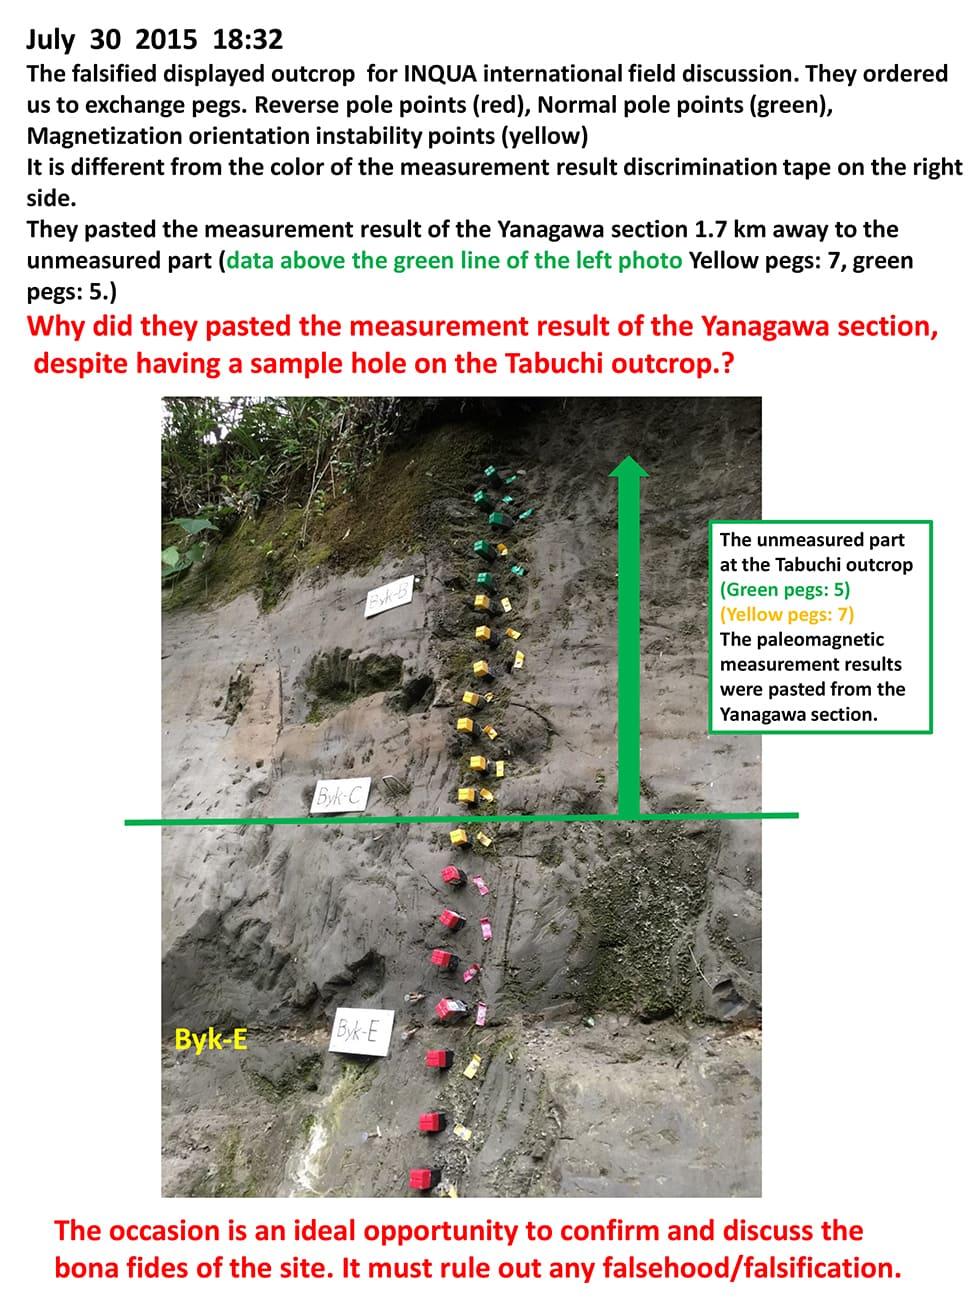 2015年7月30日 18時32分 INQUAの国際現地討論会案内露頭(色別表示杭が改ざんされた露頭)。 測定結果の色別表示杭を打ち直させられる(赤:逆磁極点、黄:磁化方位不安定点、緑:正磁極点)。右の色テープに沿って打った色別表示杭とは異なる。 未測定部(左写真の緑線より上の部分)に1.7km 離れた柳川セクションの測定結果が貼り付けられた(黄杭:7本、緑杭:5本)。 では、この田淵露頭に試料採取孔がありながら、なぜ柳川セクションの測定結果を貼り付けたのか? 現地討論会とは現地の実際の地質の状況や、試料採取を行った地点とその事実データを確認し議論する場であるので、そこでのねつ造・改ざんによる説明は絶対にあってはならない。